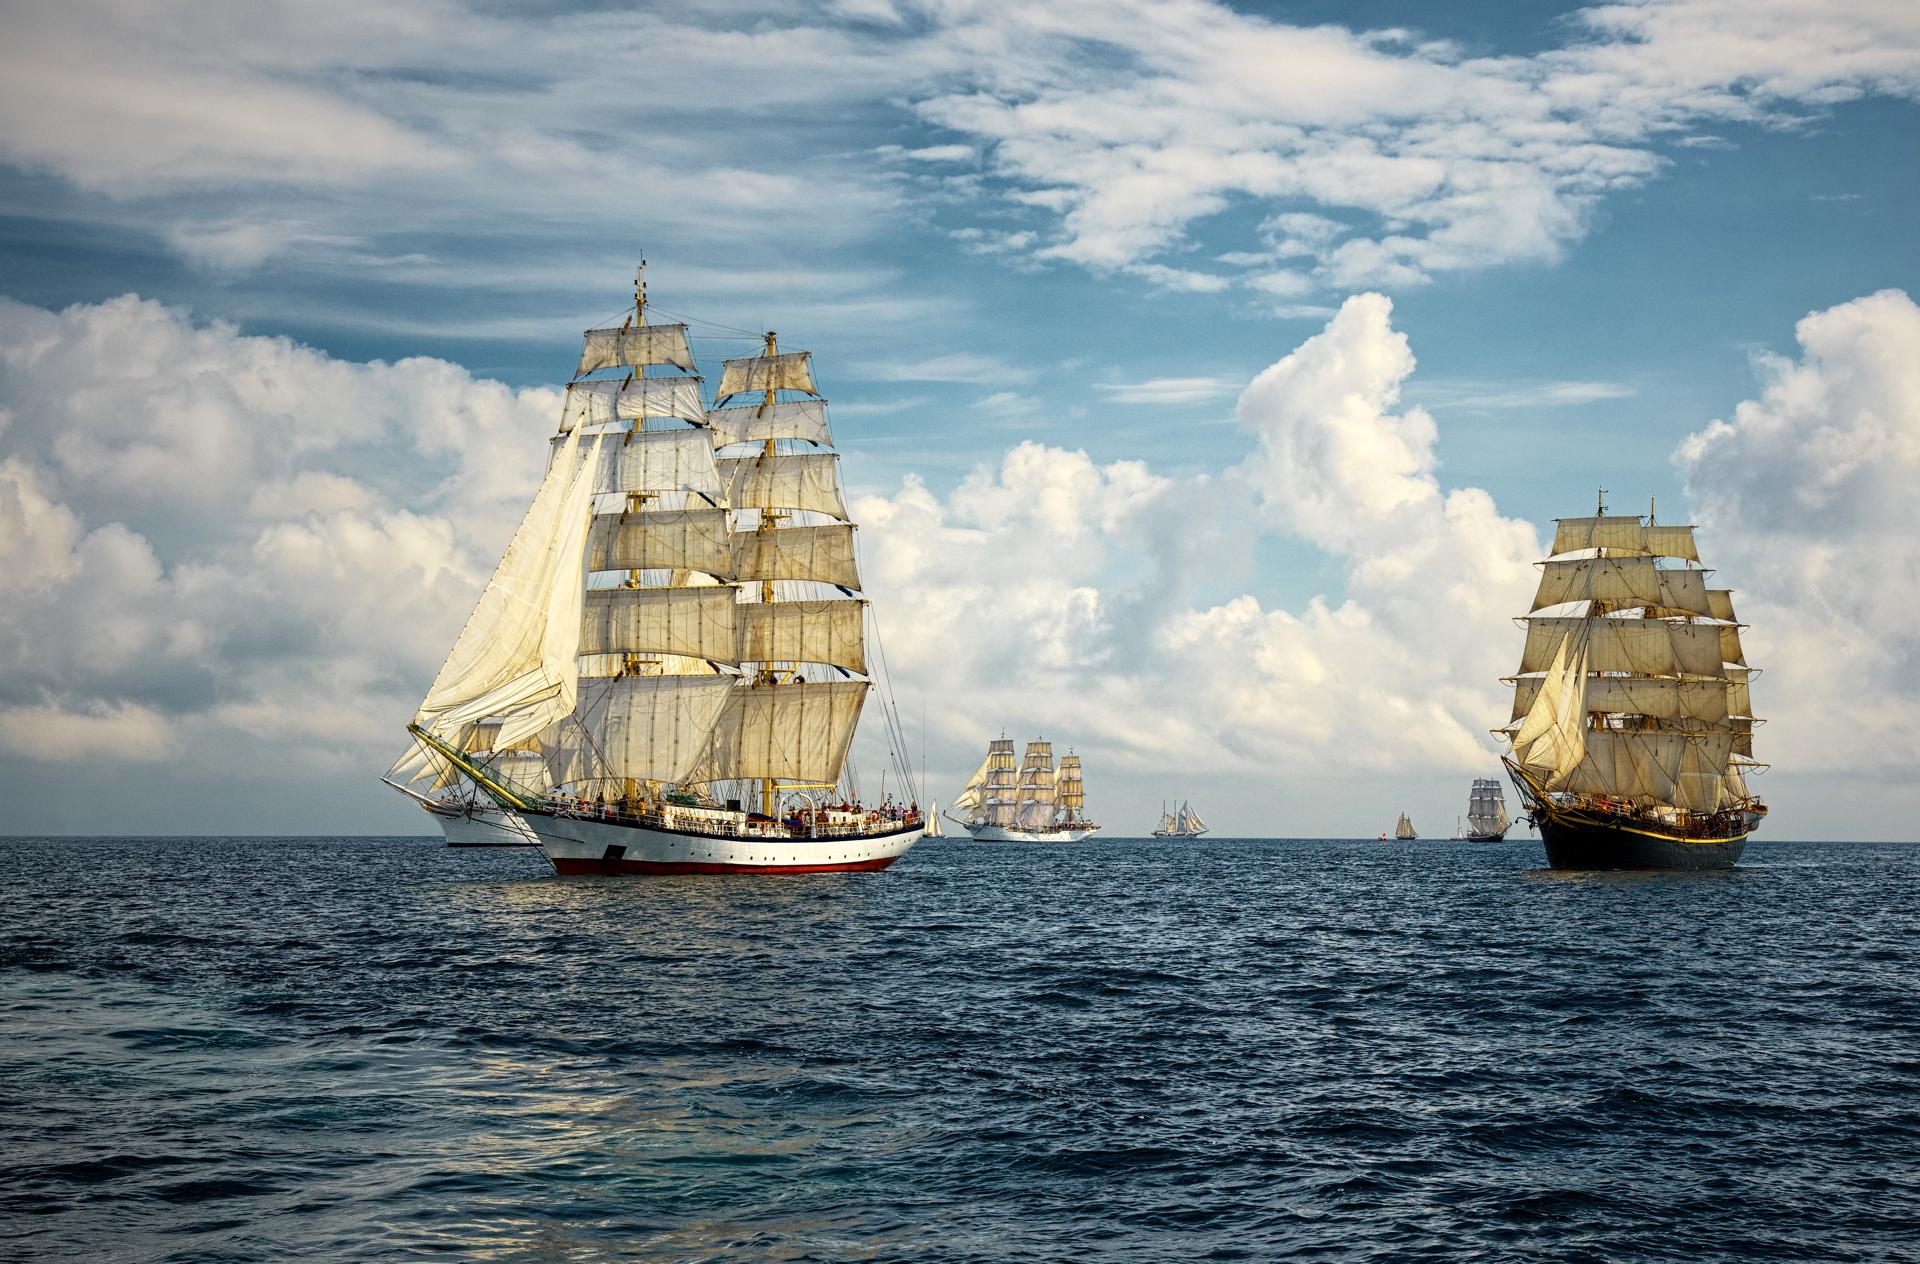 sail_1920_1